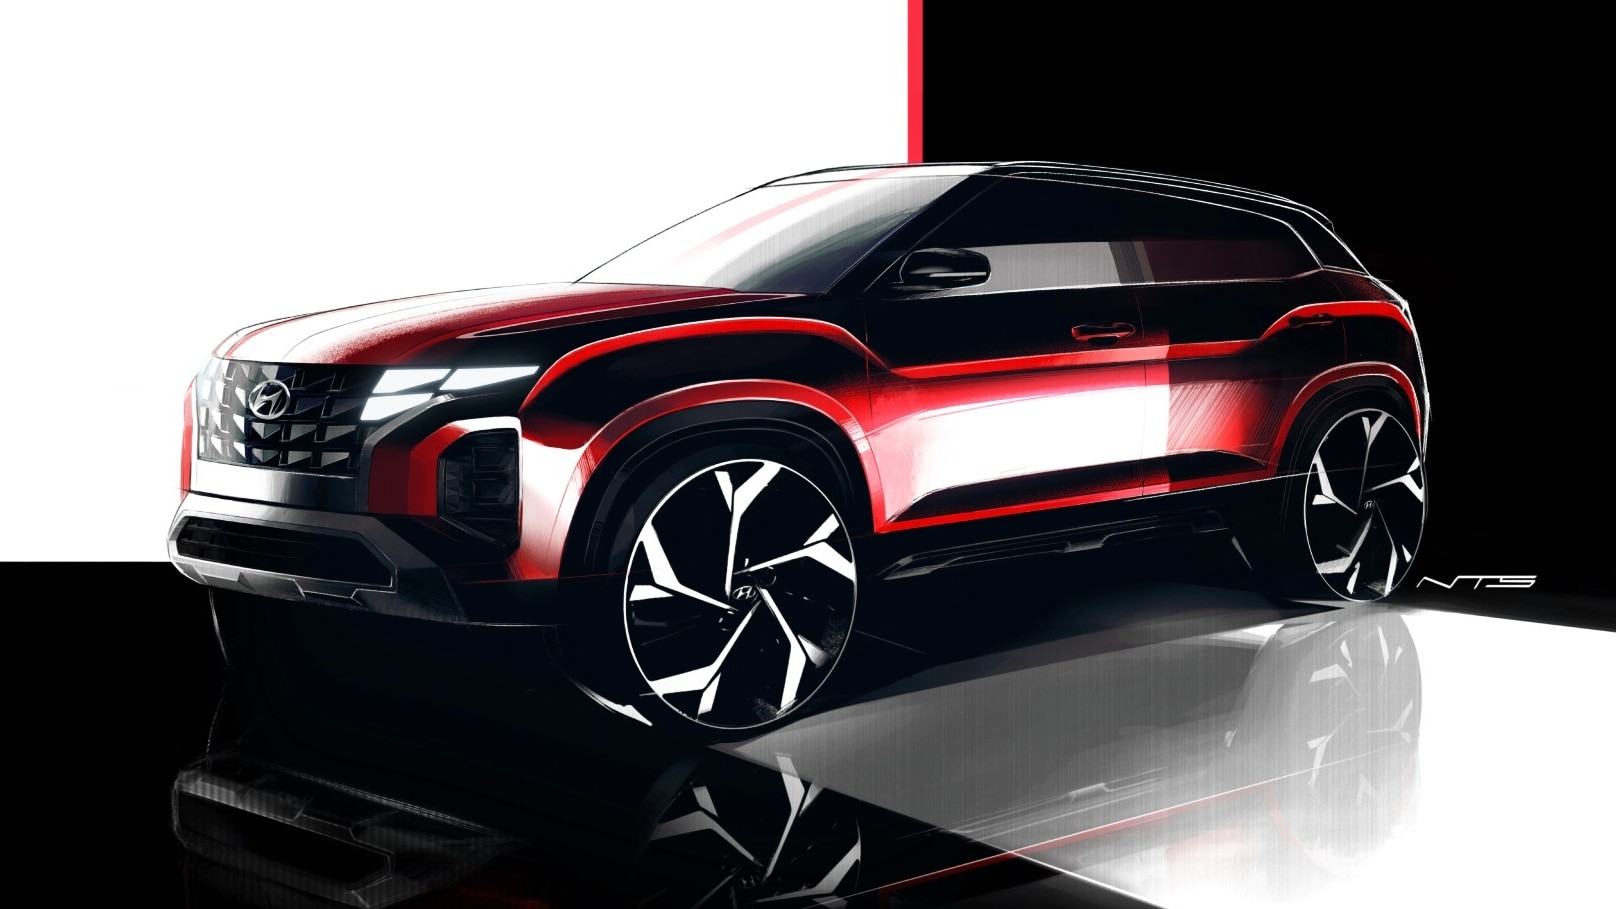 Novo Hyundai Creta vai mudar design e ganhar dianteira do Tucson